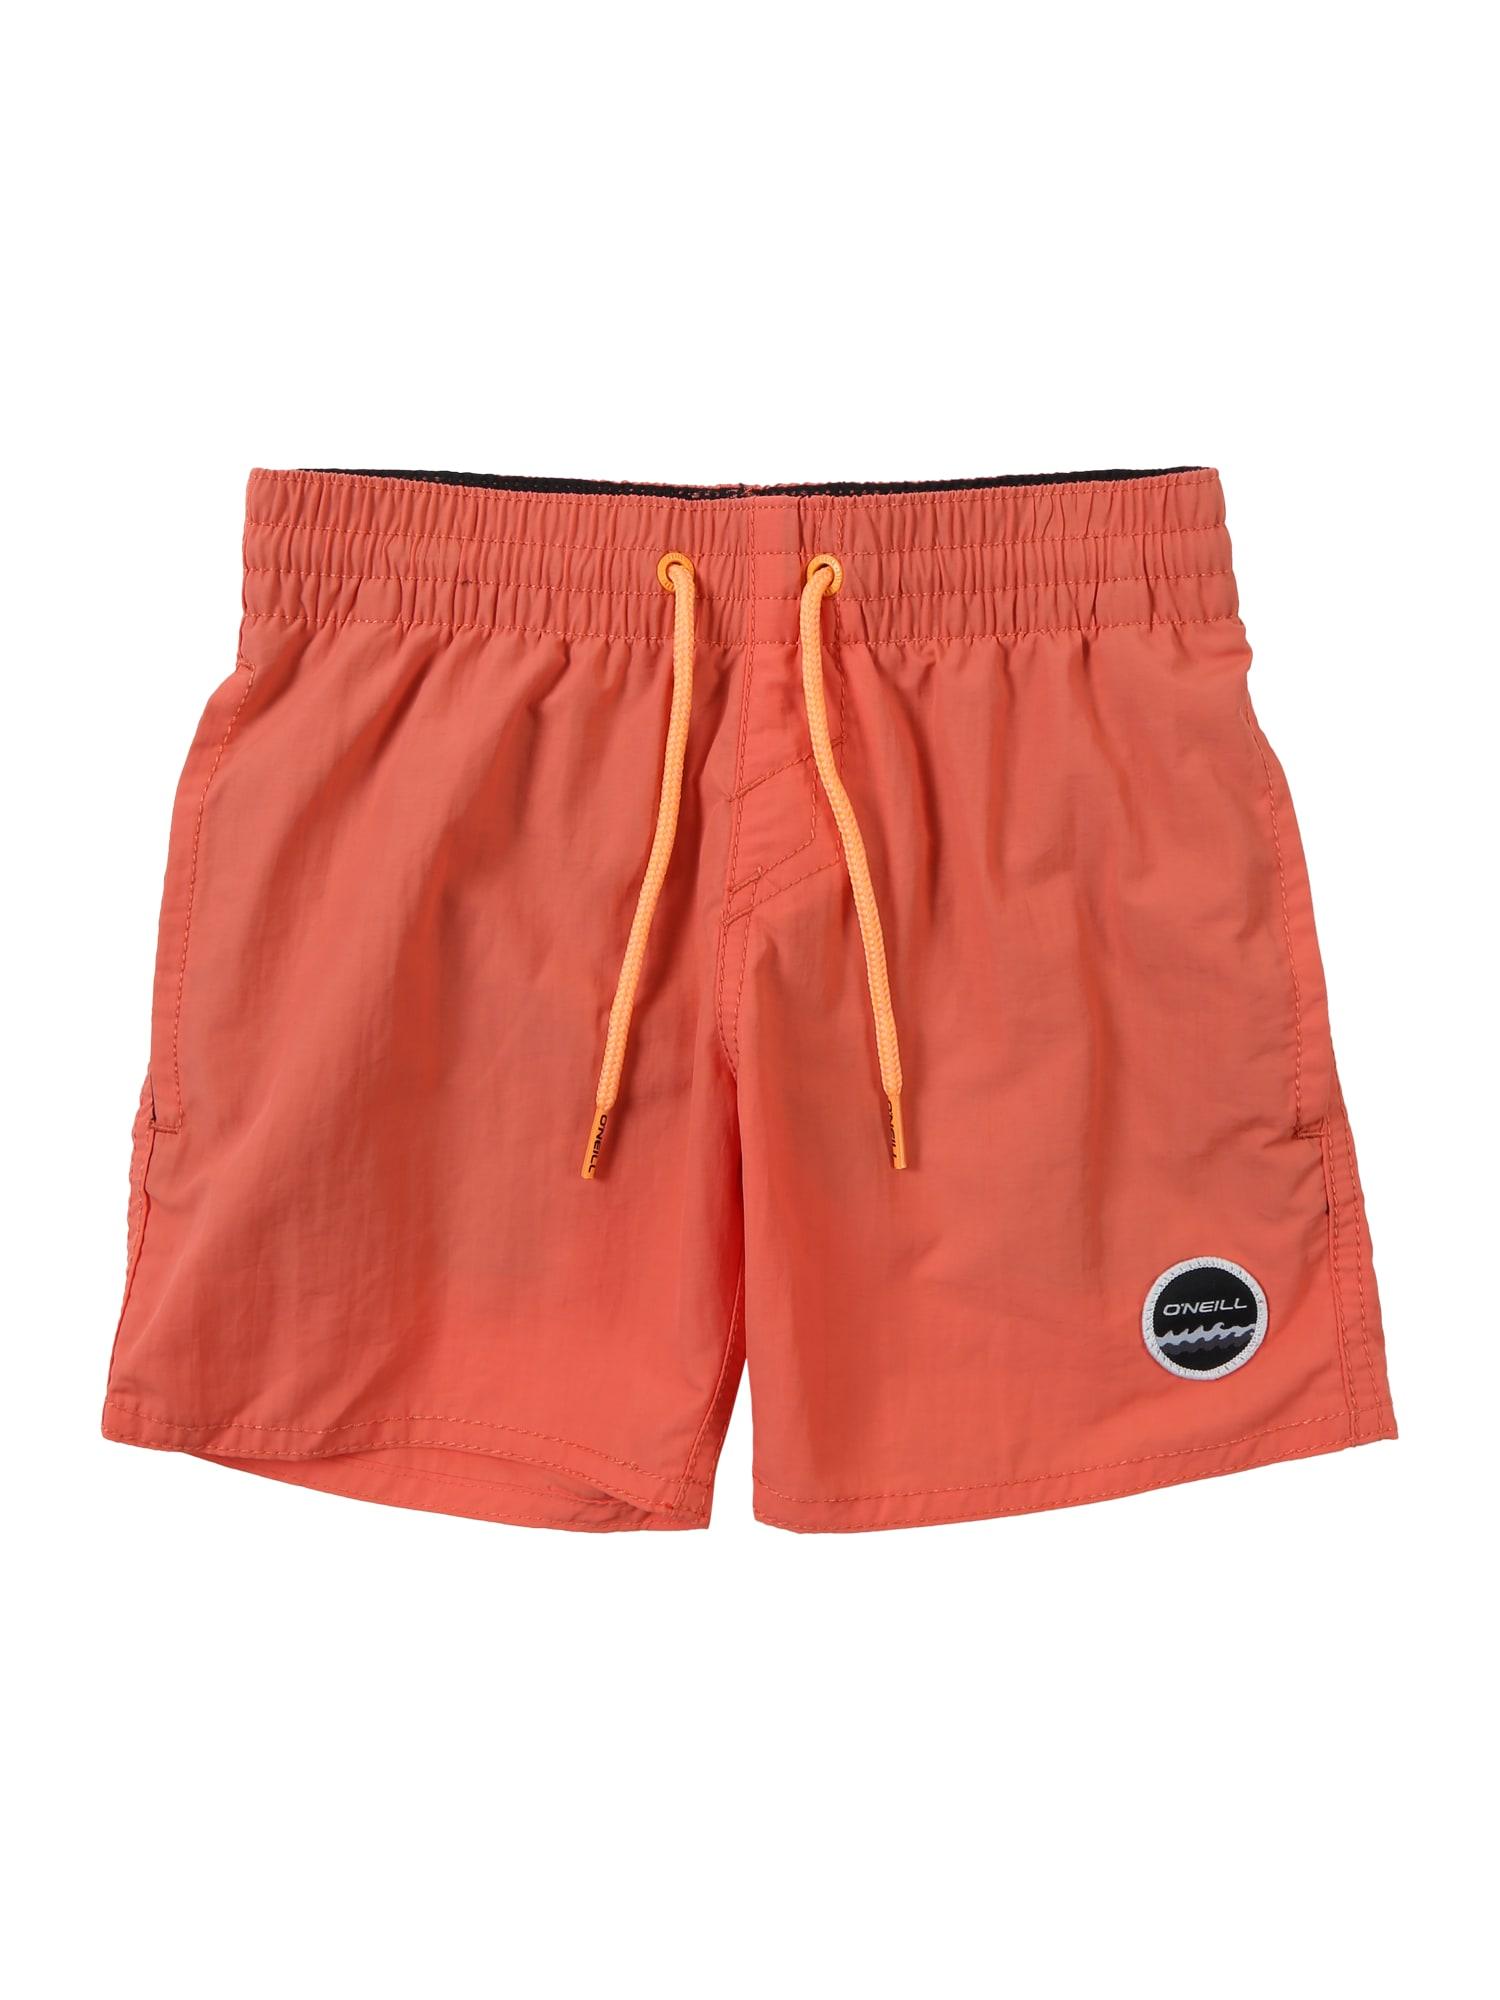 ONEILL Plavecké šortky PB VERT SHORTS oranžová O'NEILL